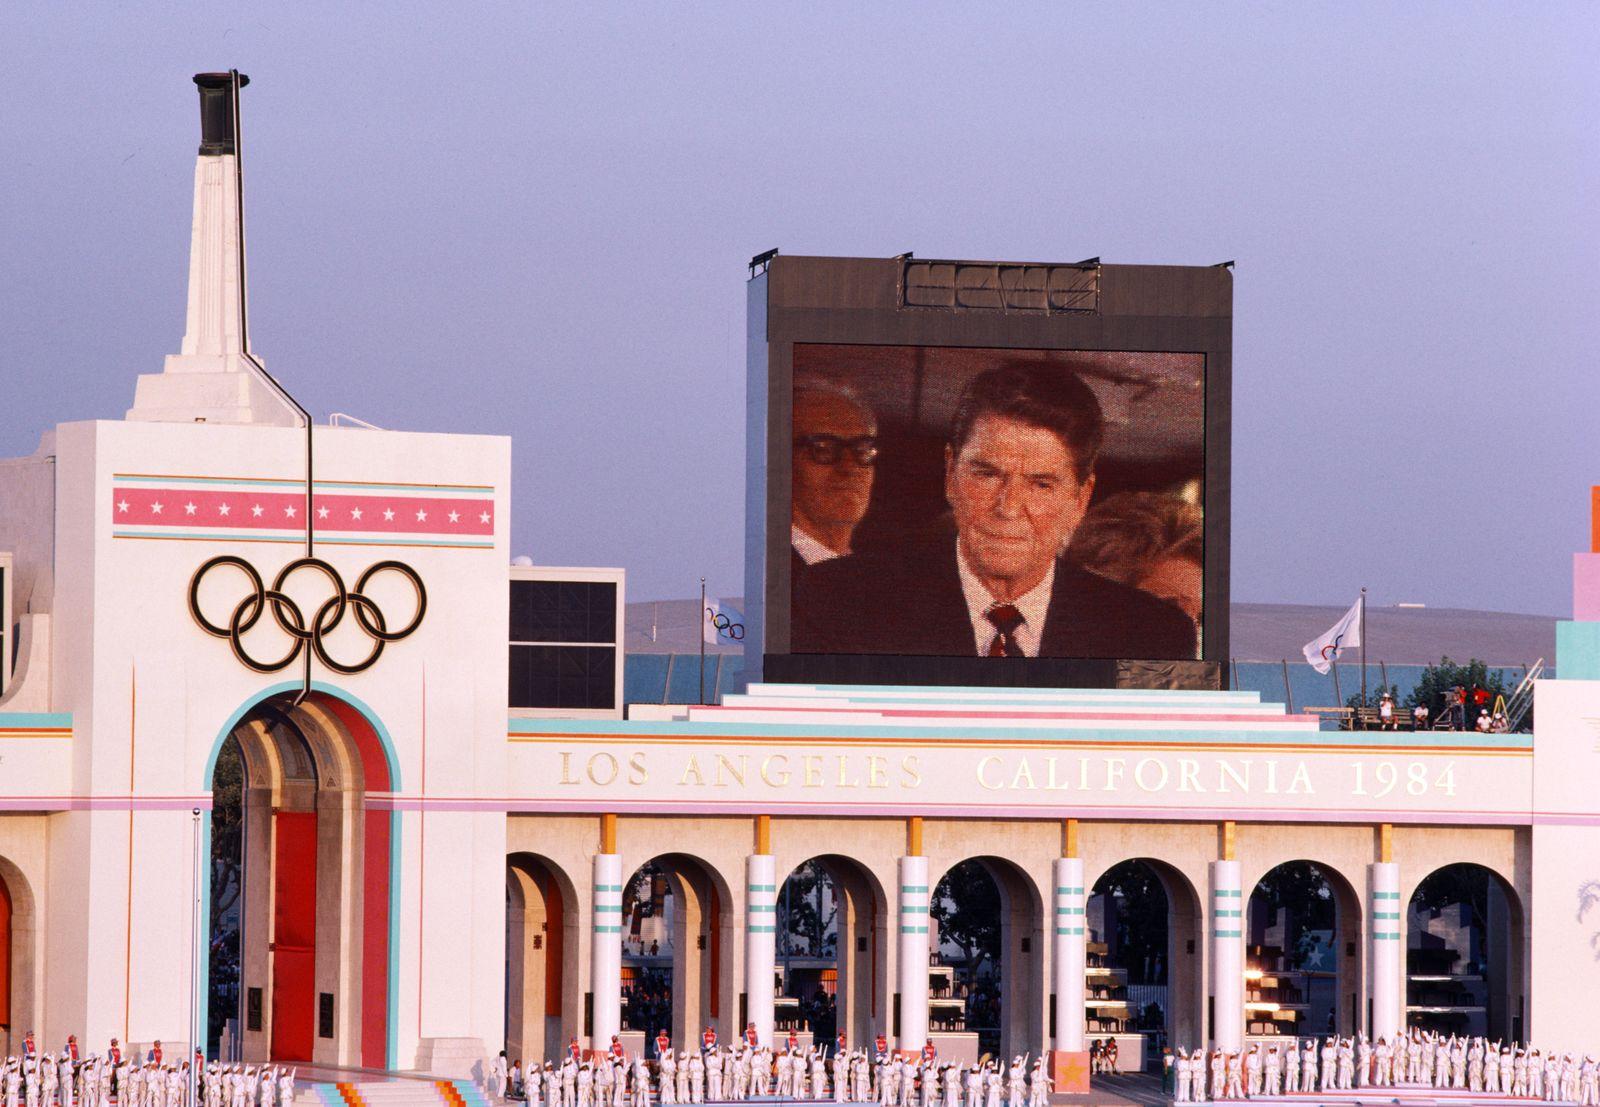 Eröffnung der Oympischen Spieel 1984 im Los Angeles Memorial Coliseum nach dem Boykott der Olympisch